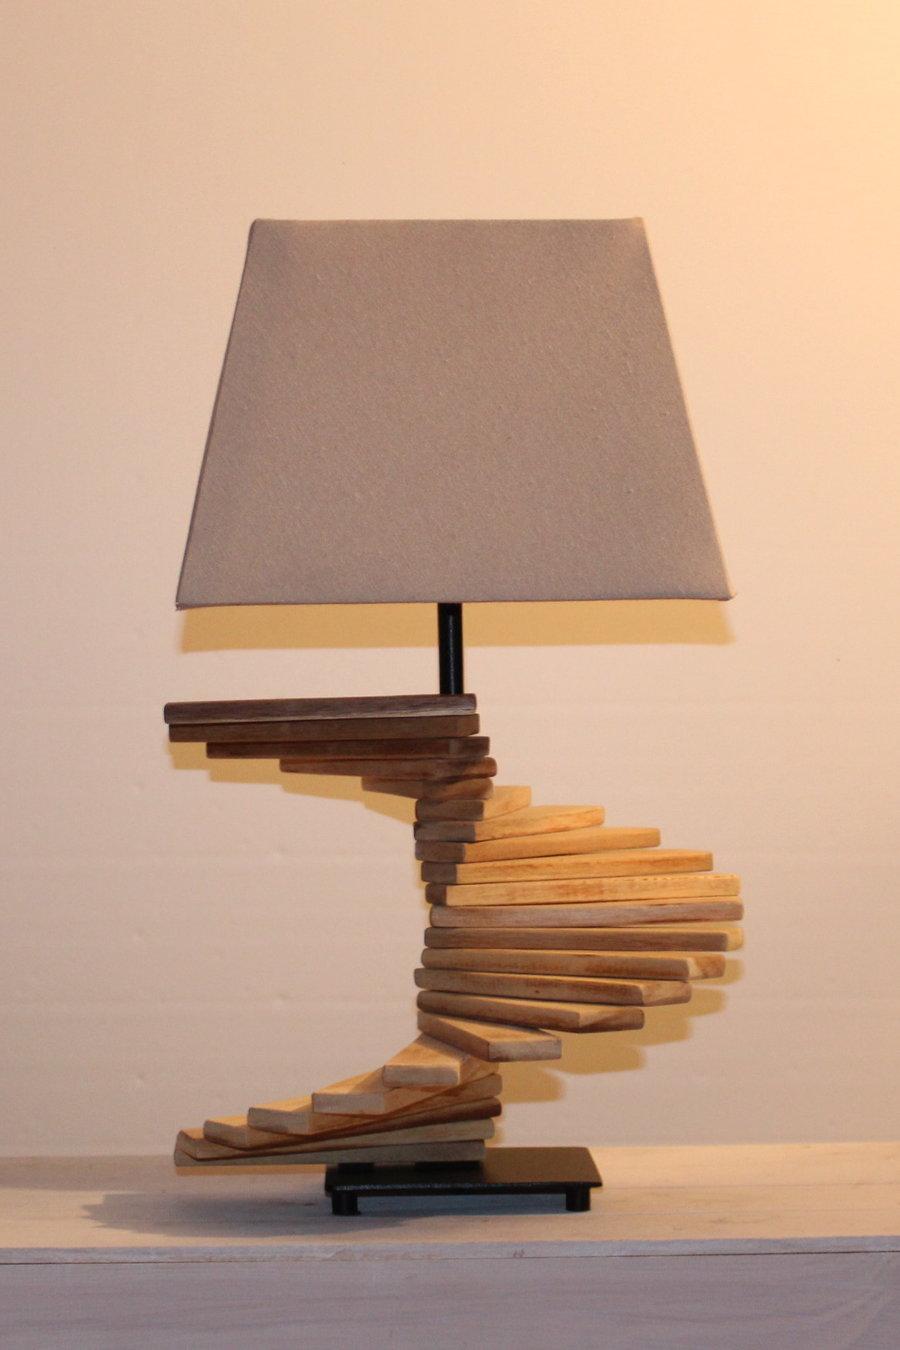 Lampe mit Leisten, individuell zu verstellen